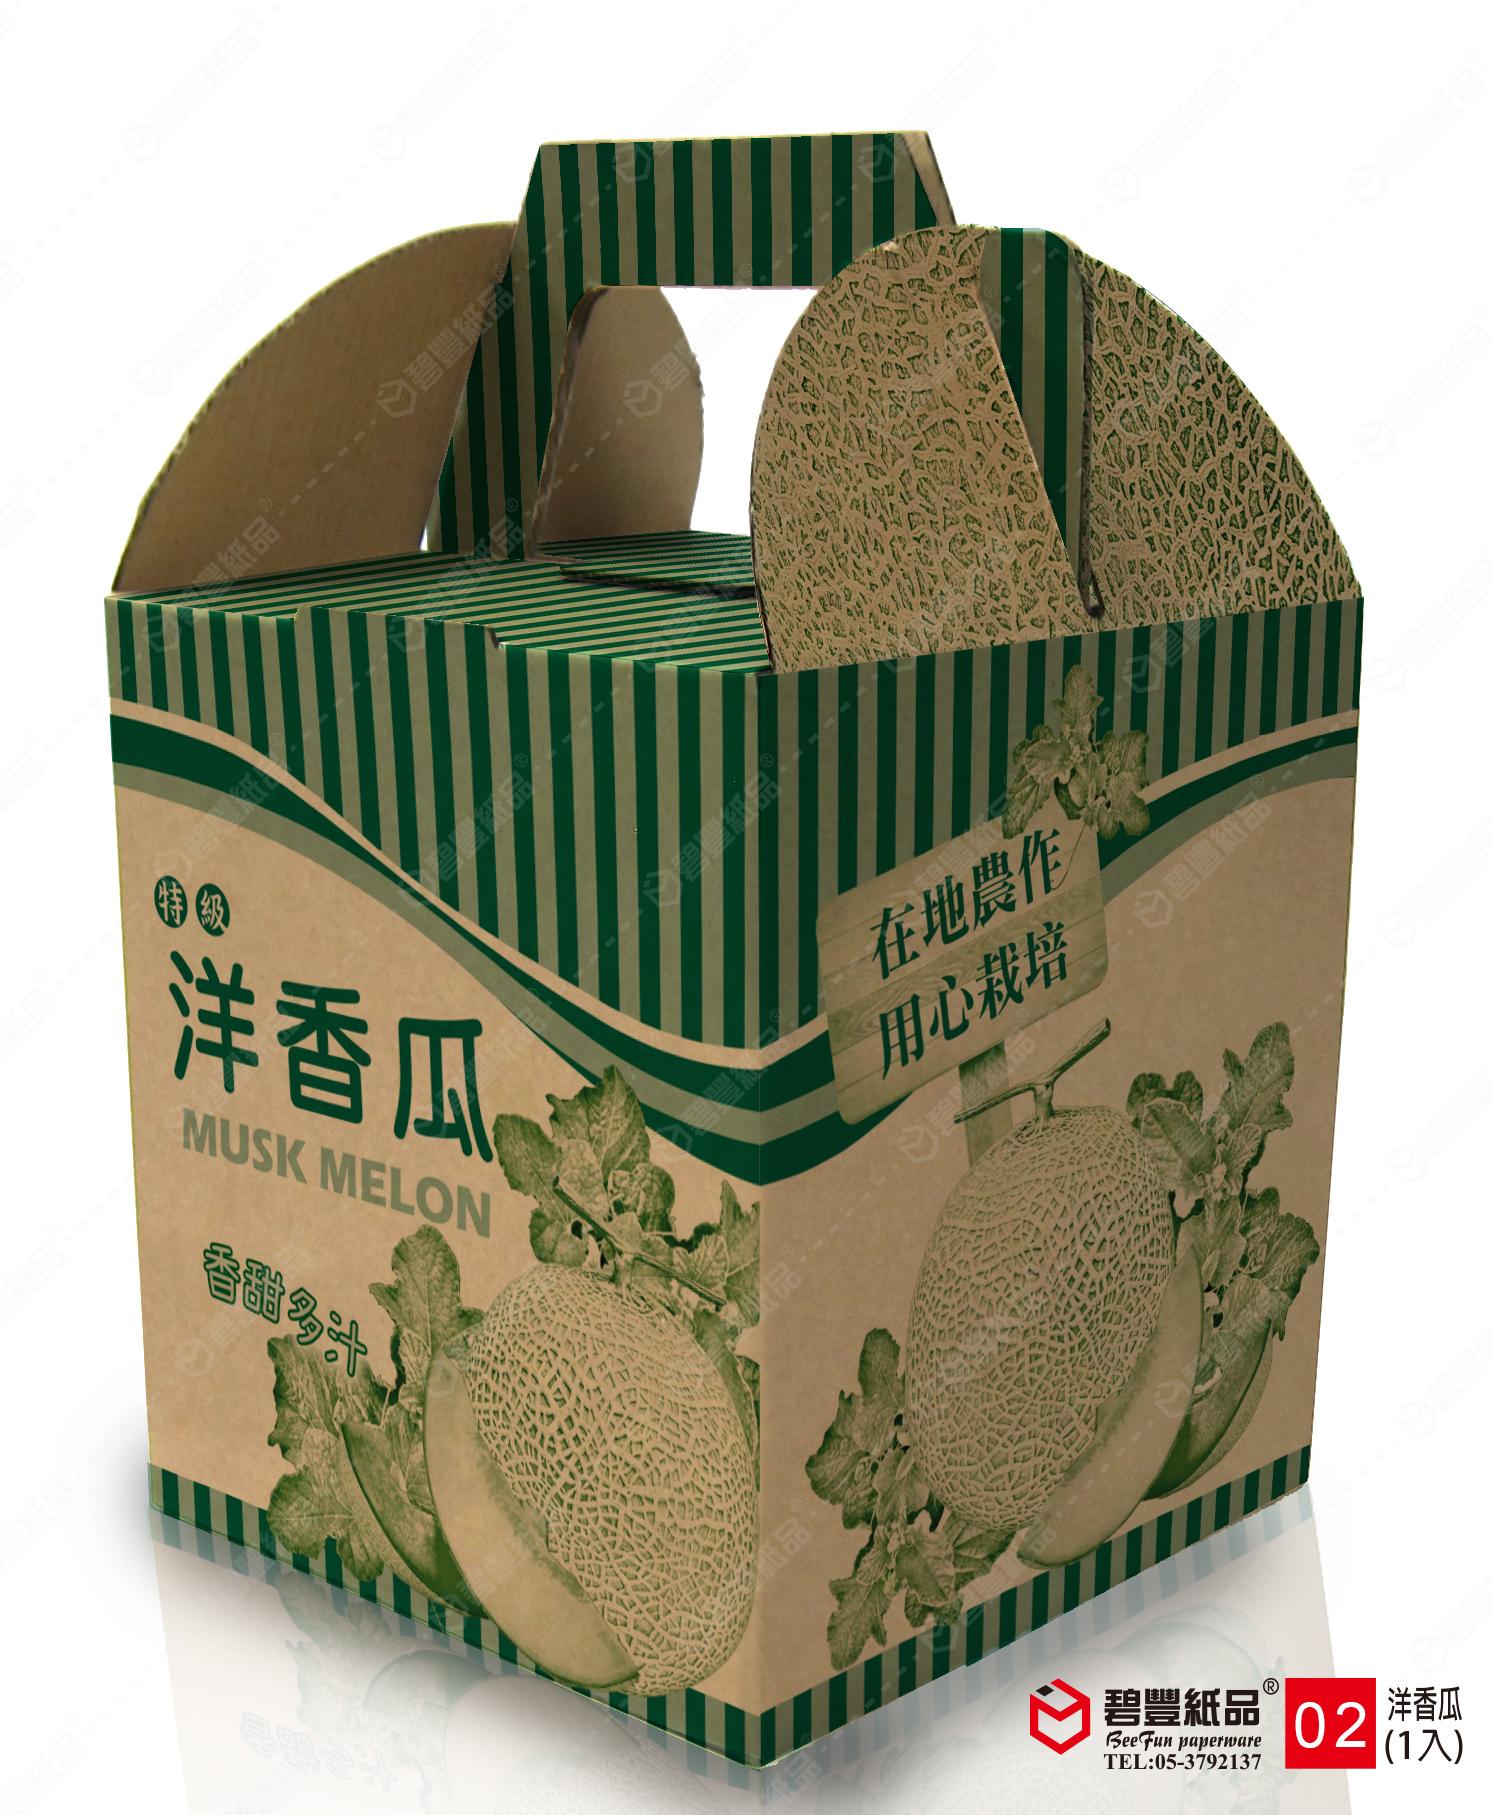 碧豐-洋香瓜單入手提式禮盒-2號